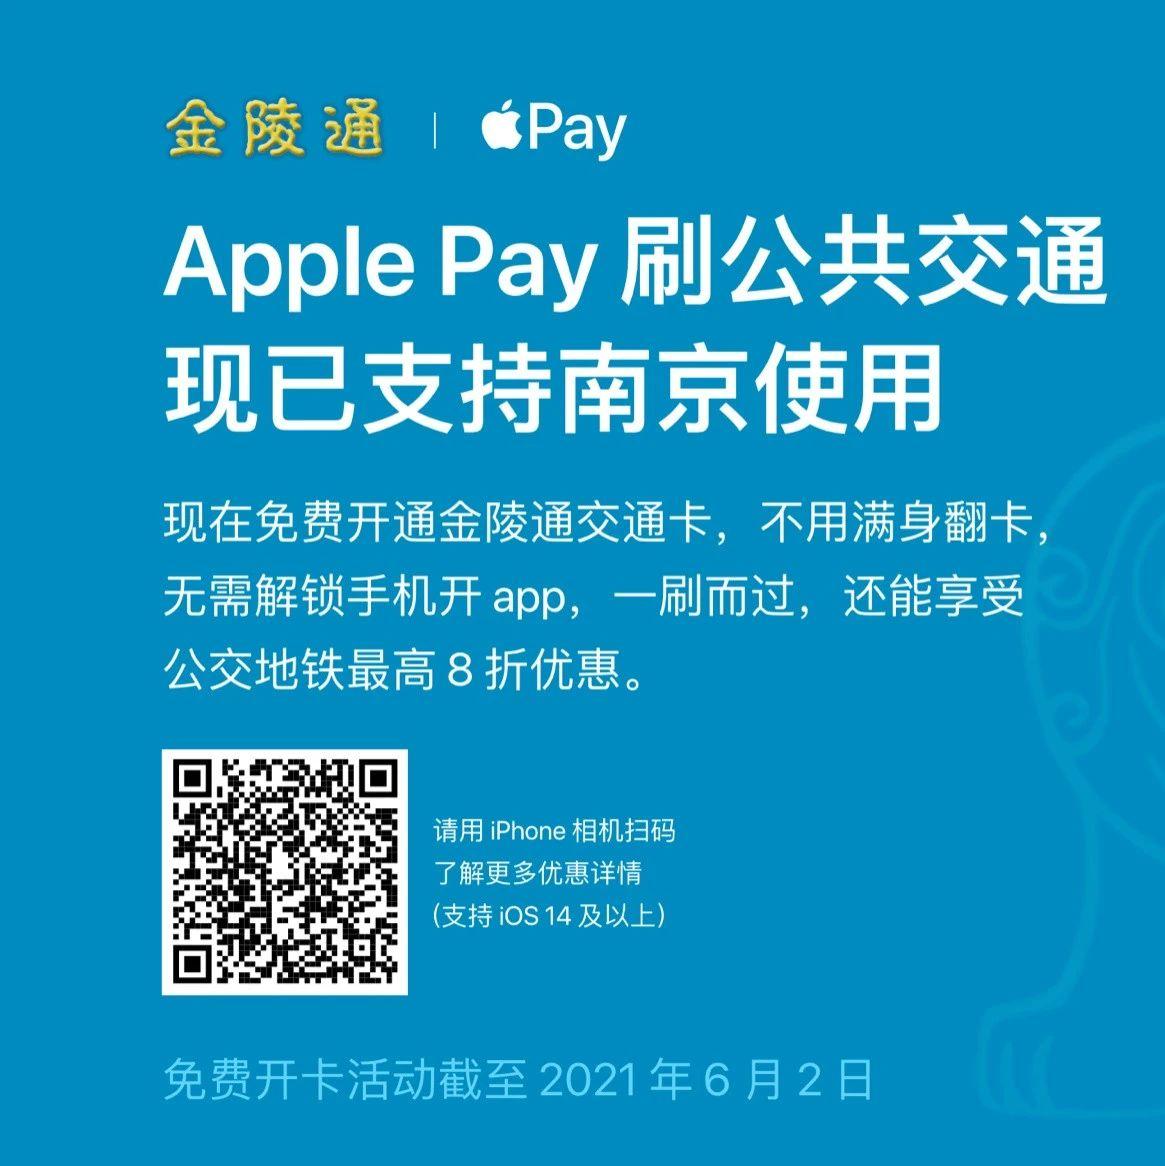 南京「金陵通」即将加入 Apple Pay 交通卡